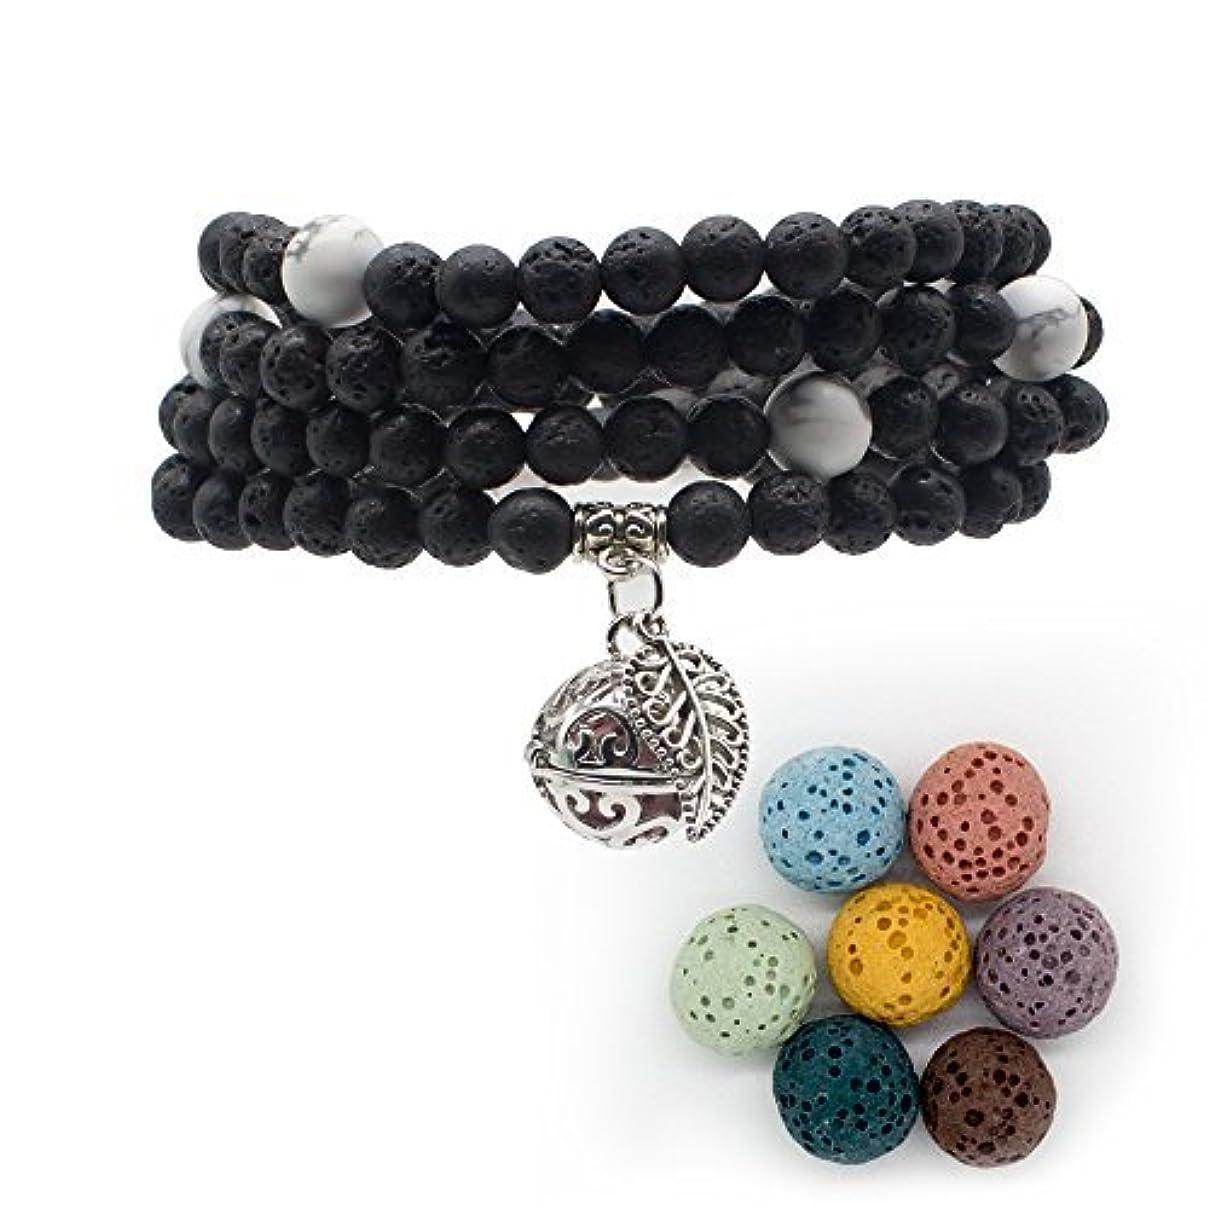 侵略よろしくと組むbivei Lava Stone Diffuserブレスレット – 108 Buddhist Mala祈りビーズロケットペンダントネックレス – 瞑想、クリスタルHealing